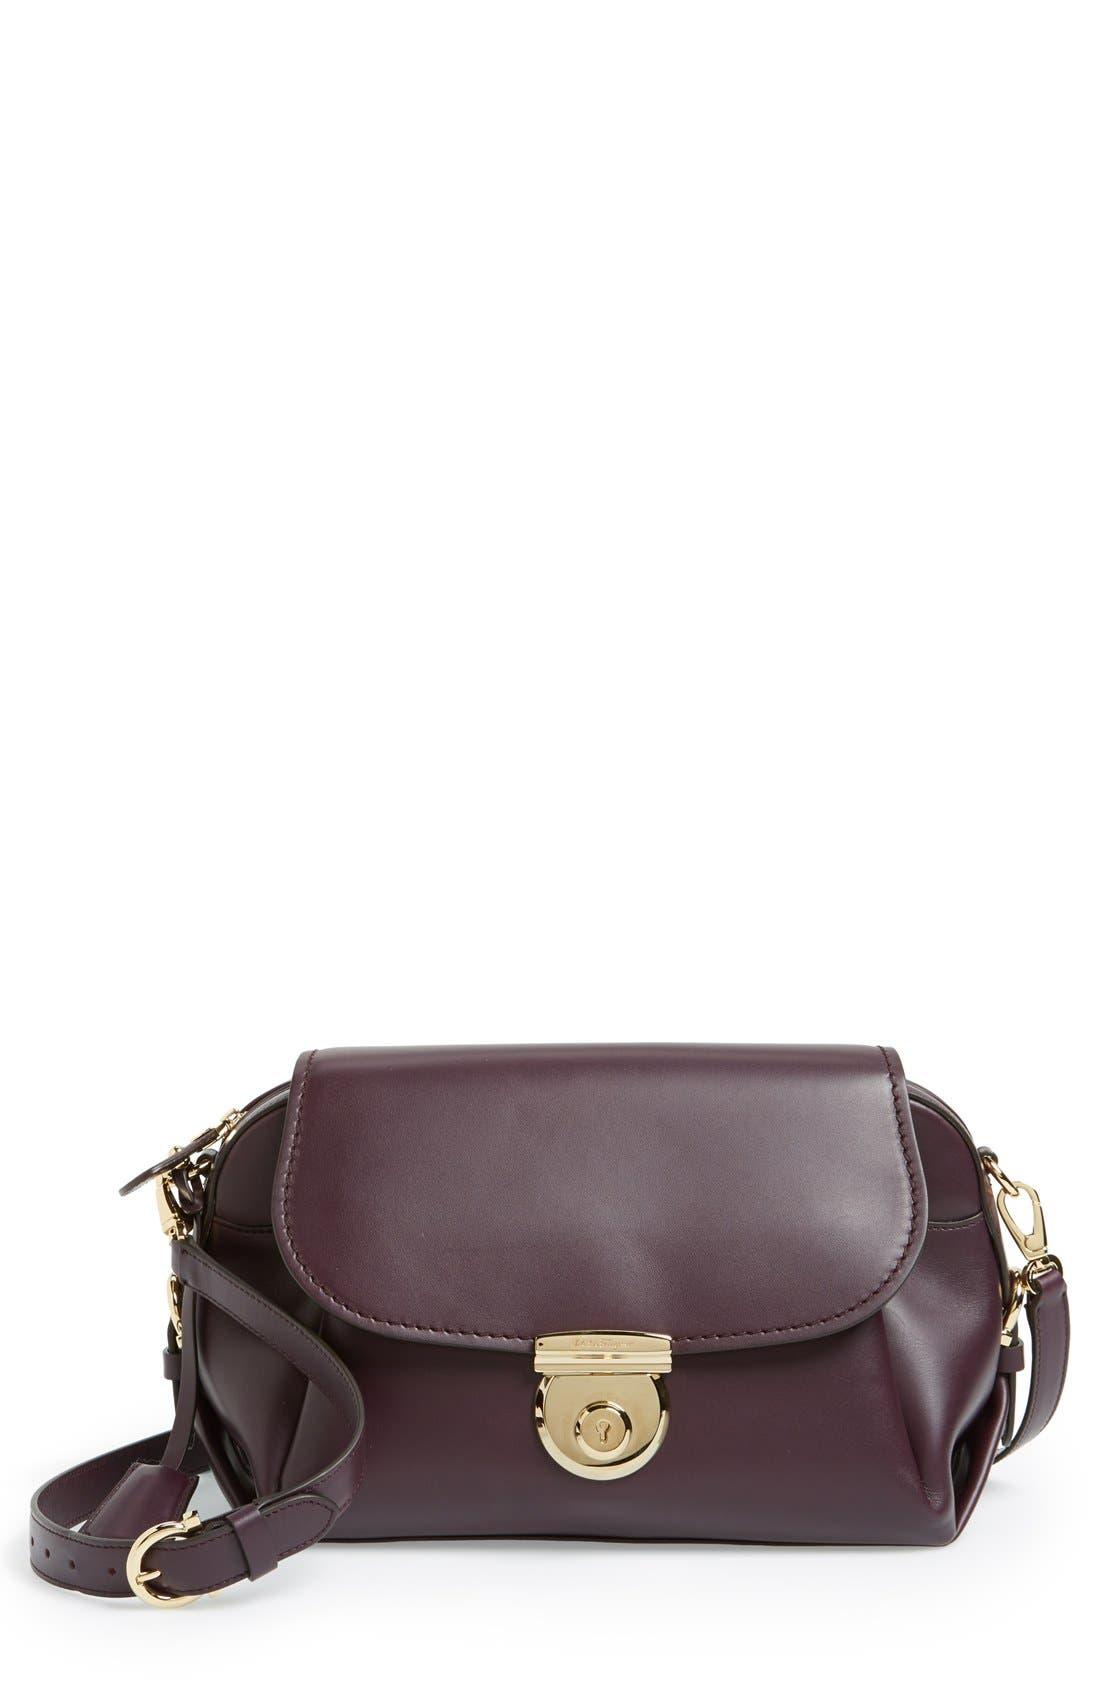 SALVATORE FERRAGAMO 'Fiamma' Crossbody Bag, Main, color, 500